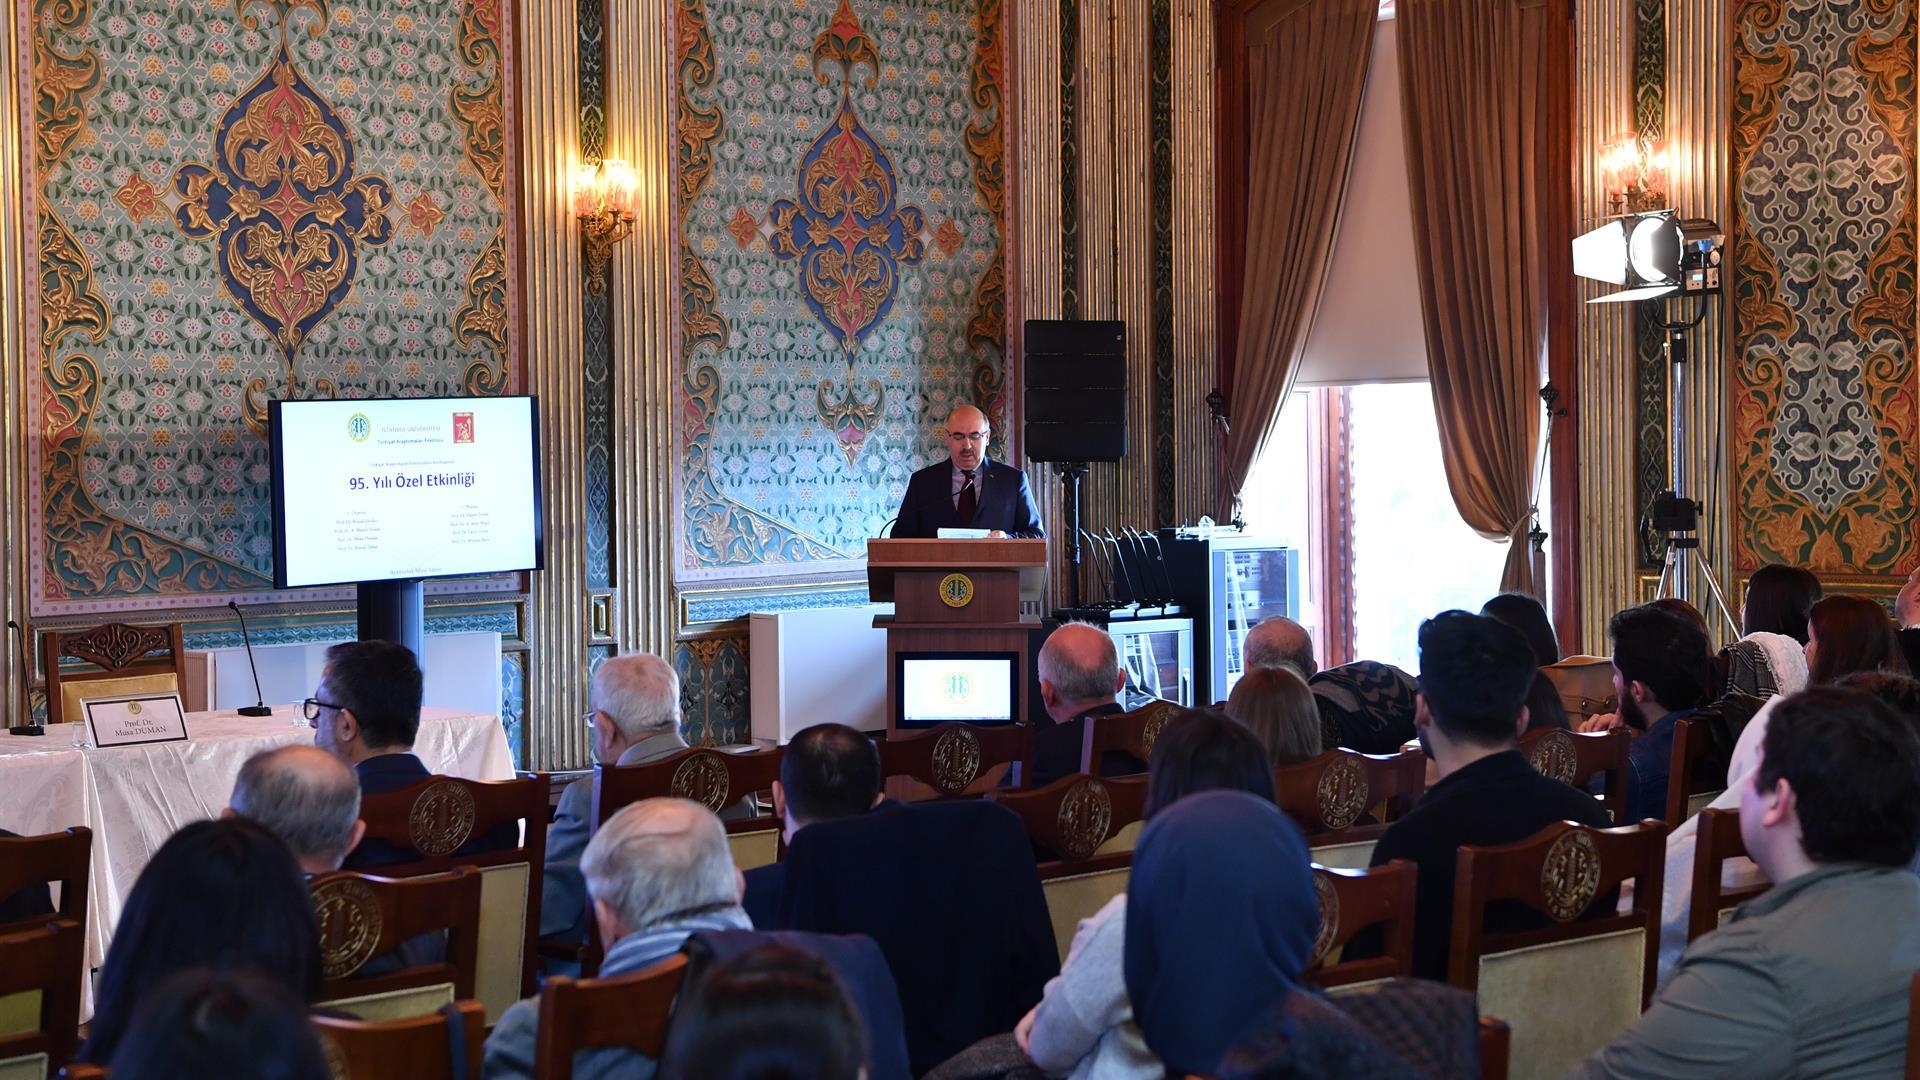 İstanbul-Üniversitesi-Türkiyat-Araştırmaları-Enstitüsü'nün-Kuruluşunun-95.-Yılı-Kutlandı